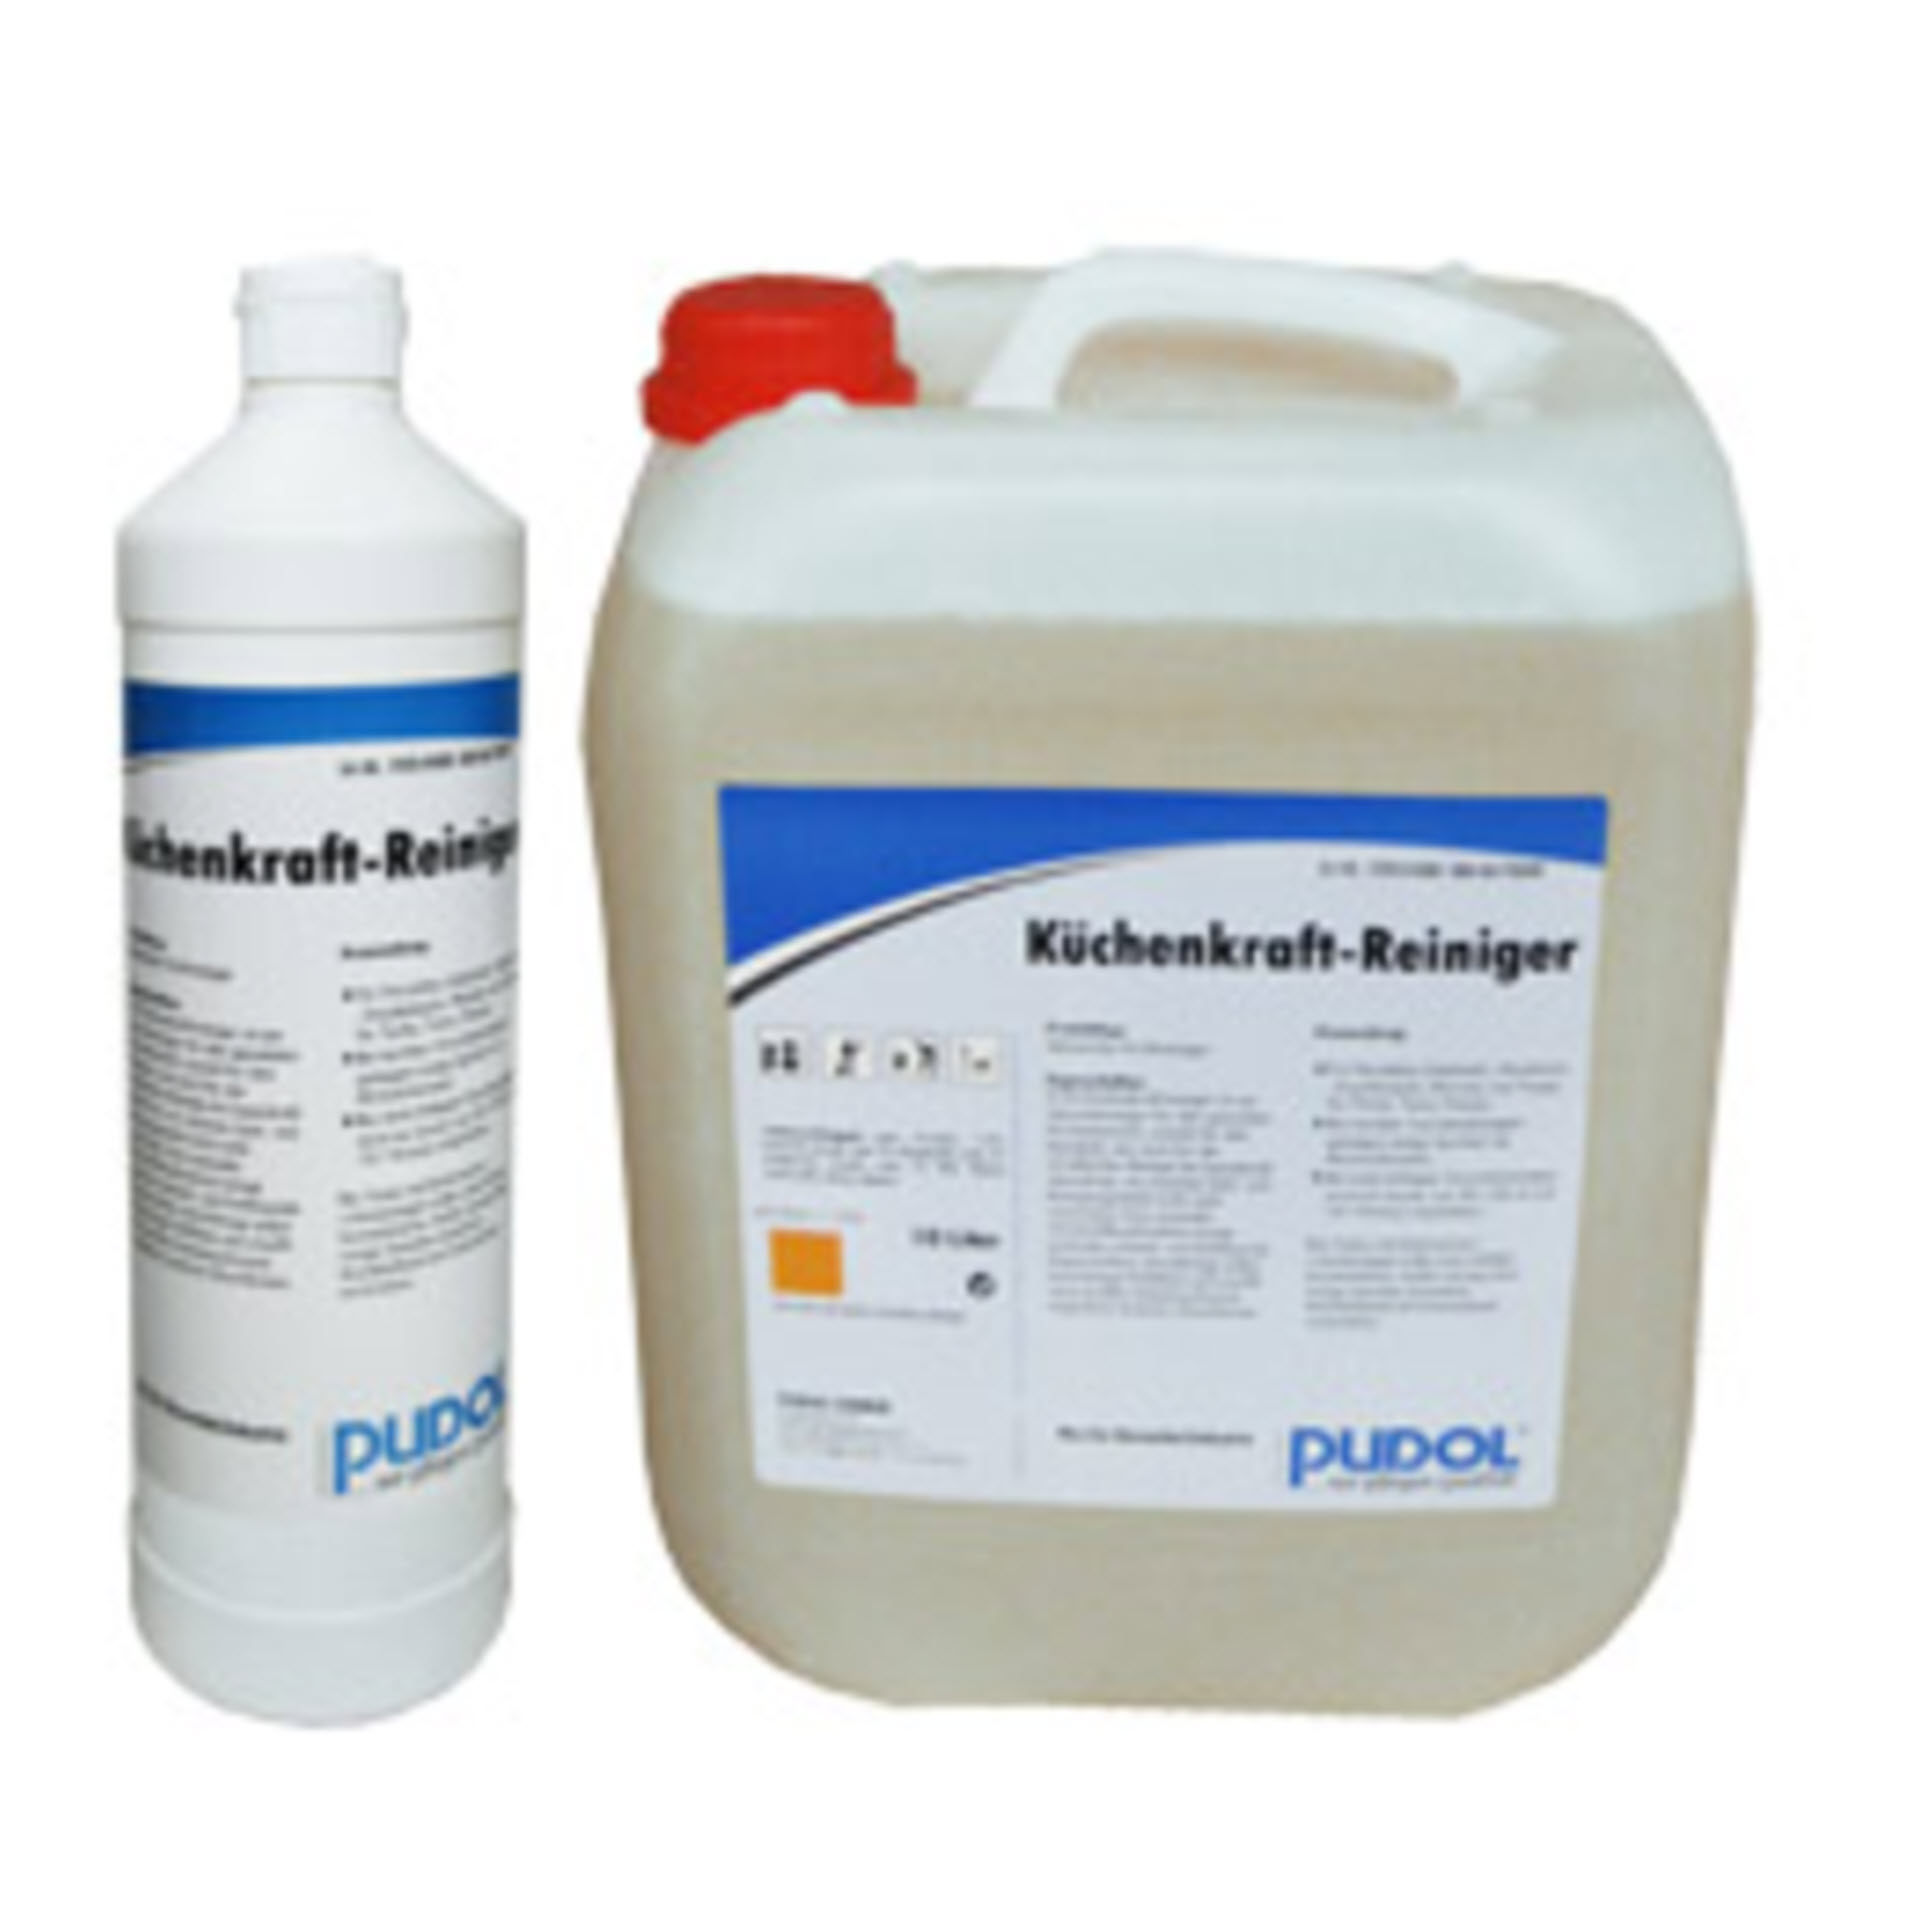 Pudol Profi-KK-Küchenkraftreiniger - Alkalischer Kraftreiniger